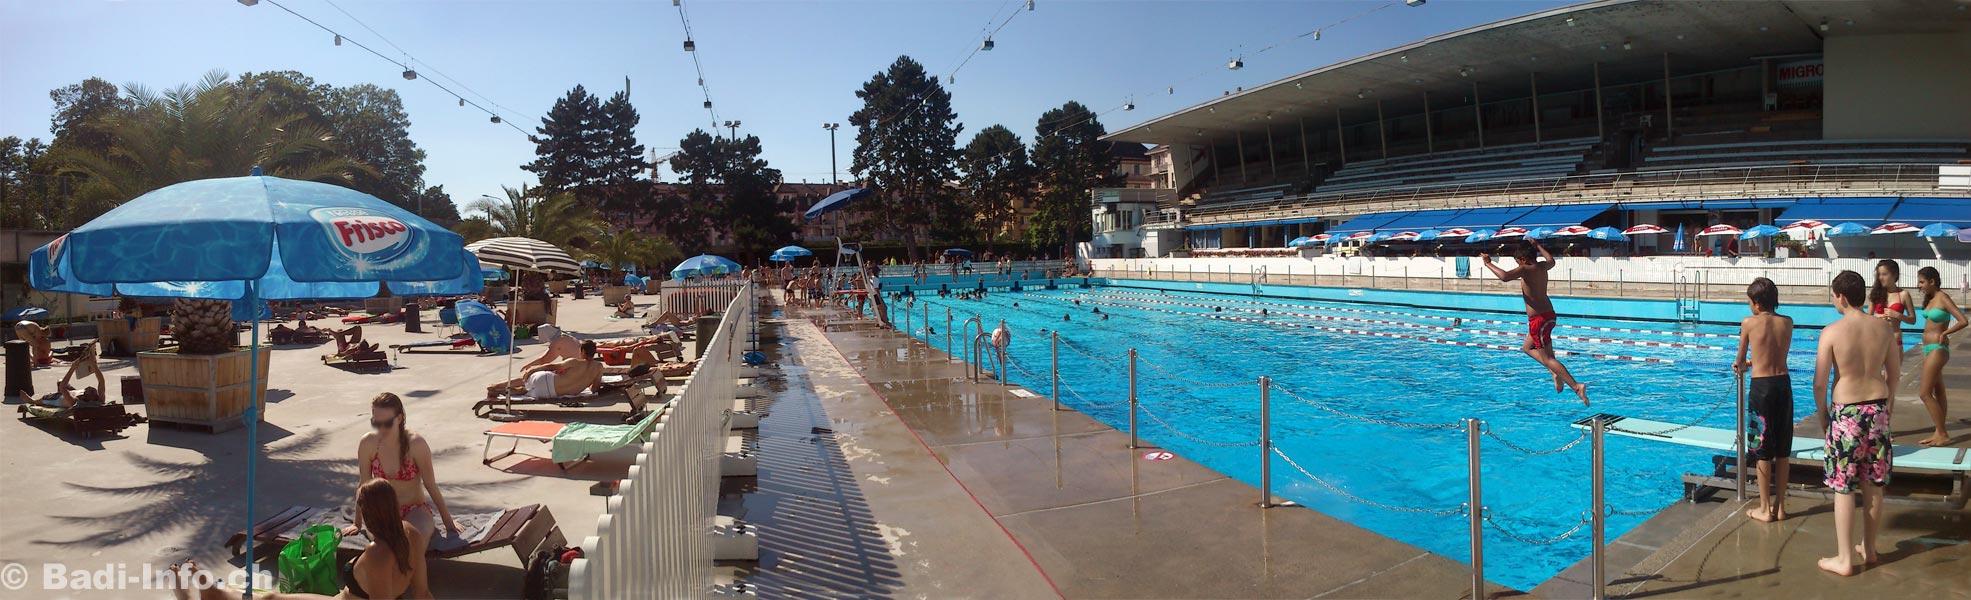 Lausanne dans la piscine montchoisi for La piscine des amiraux